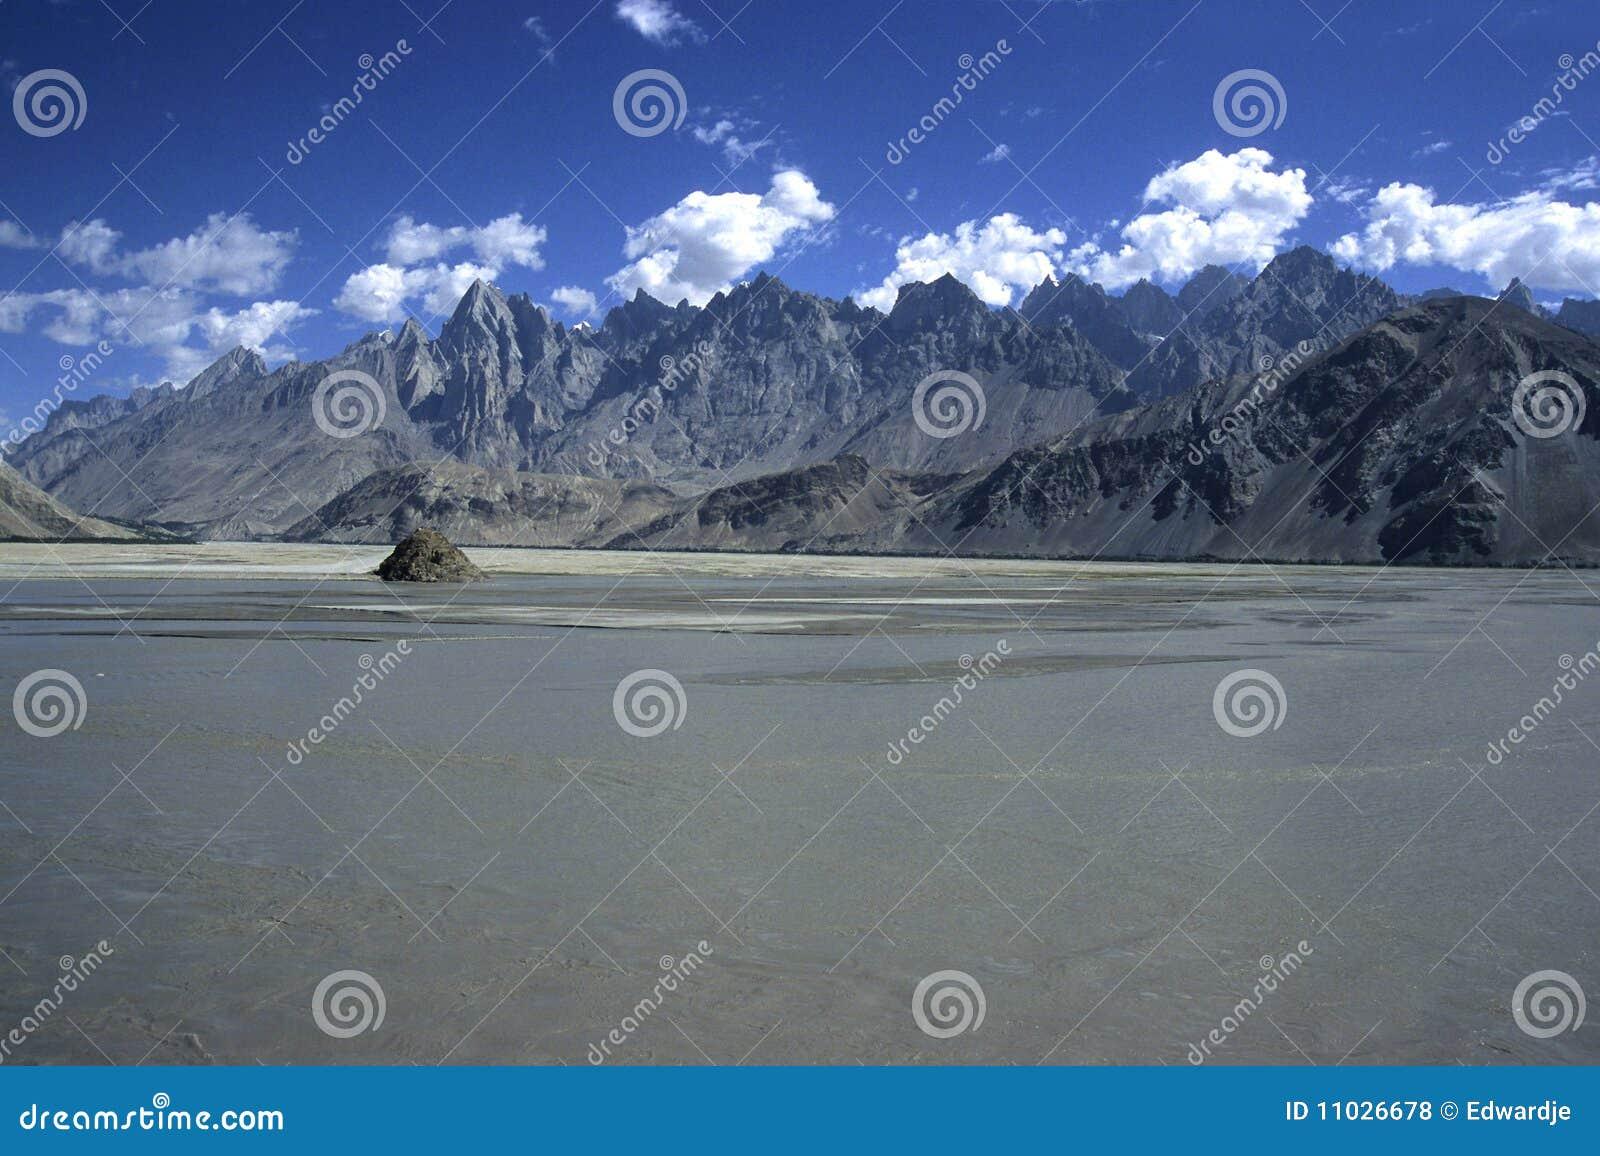 Pakistan Mountains 4